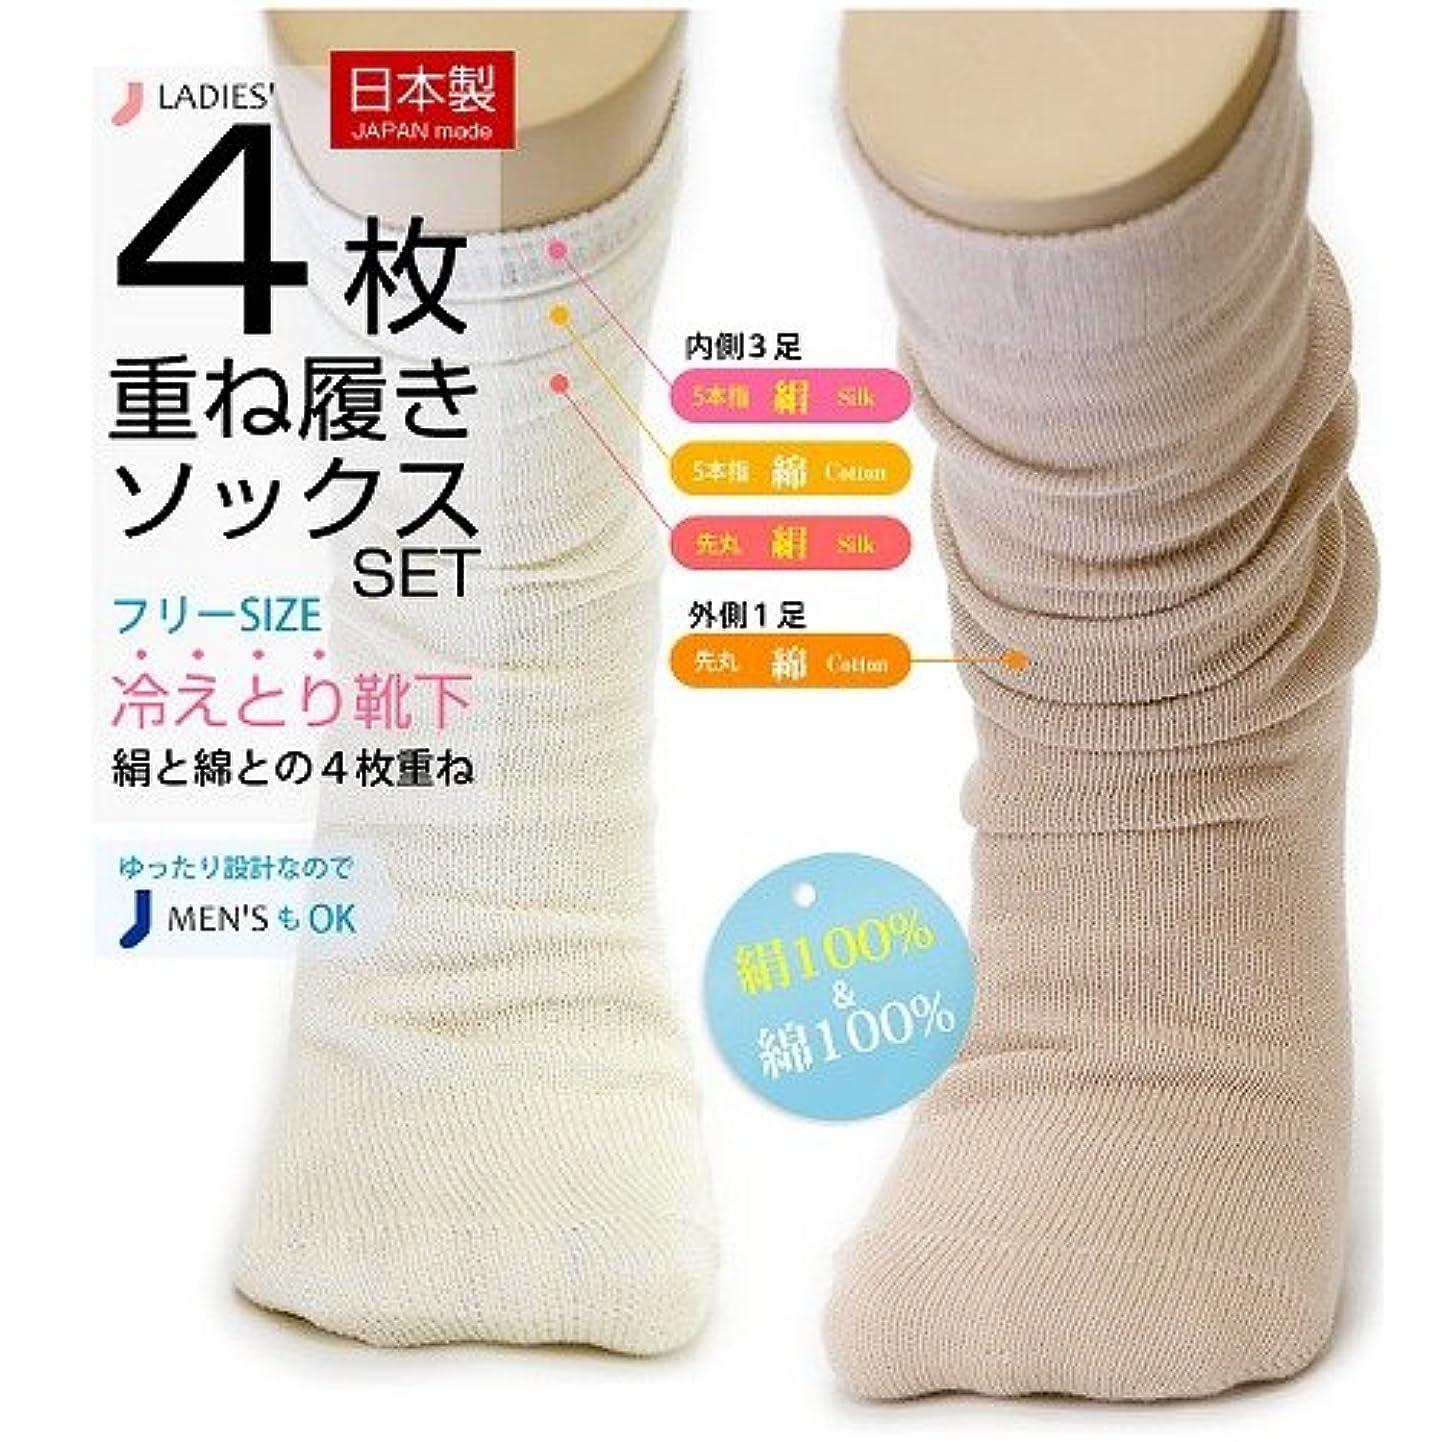 どっちクスコテロリスト冷え取り靴下 綿100%とシルク100% 最高級の日本製 4枚重ねばきセット(外側ライトグレー)